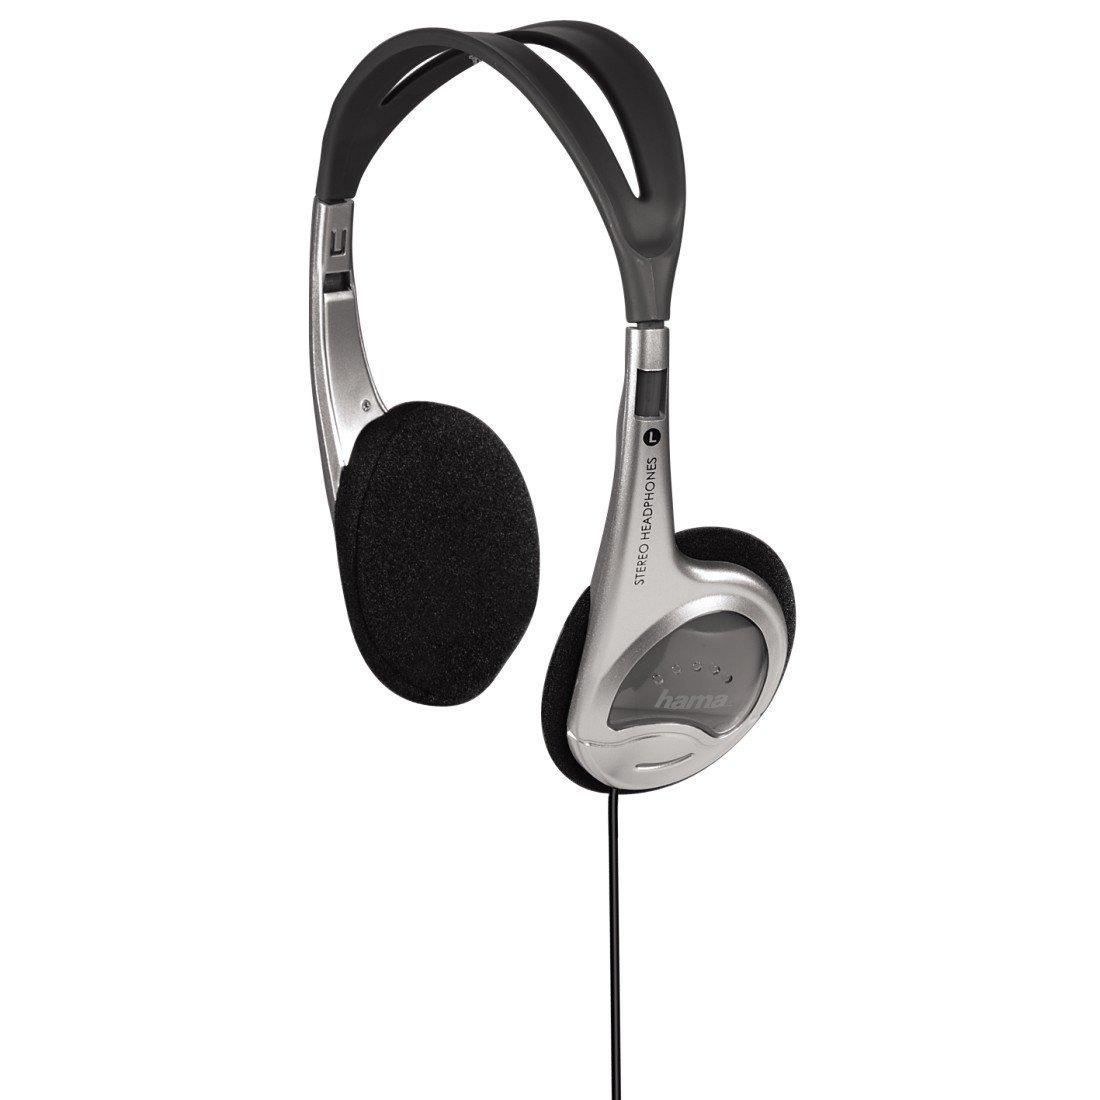 Hama HK - 90-on-Ear-Auriculares esté reo-Plateado 00116806